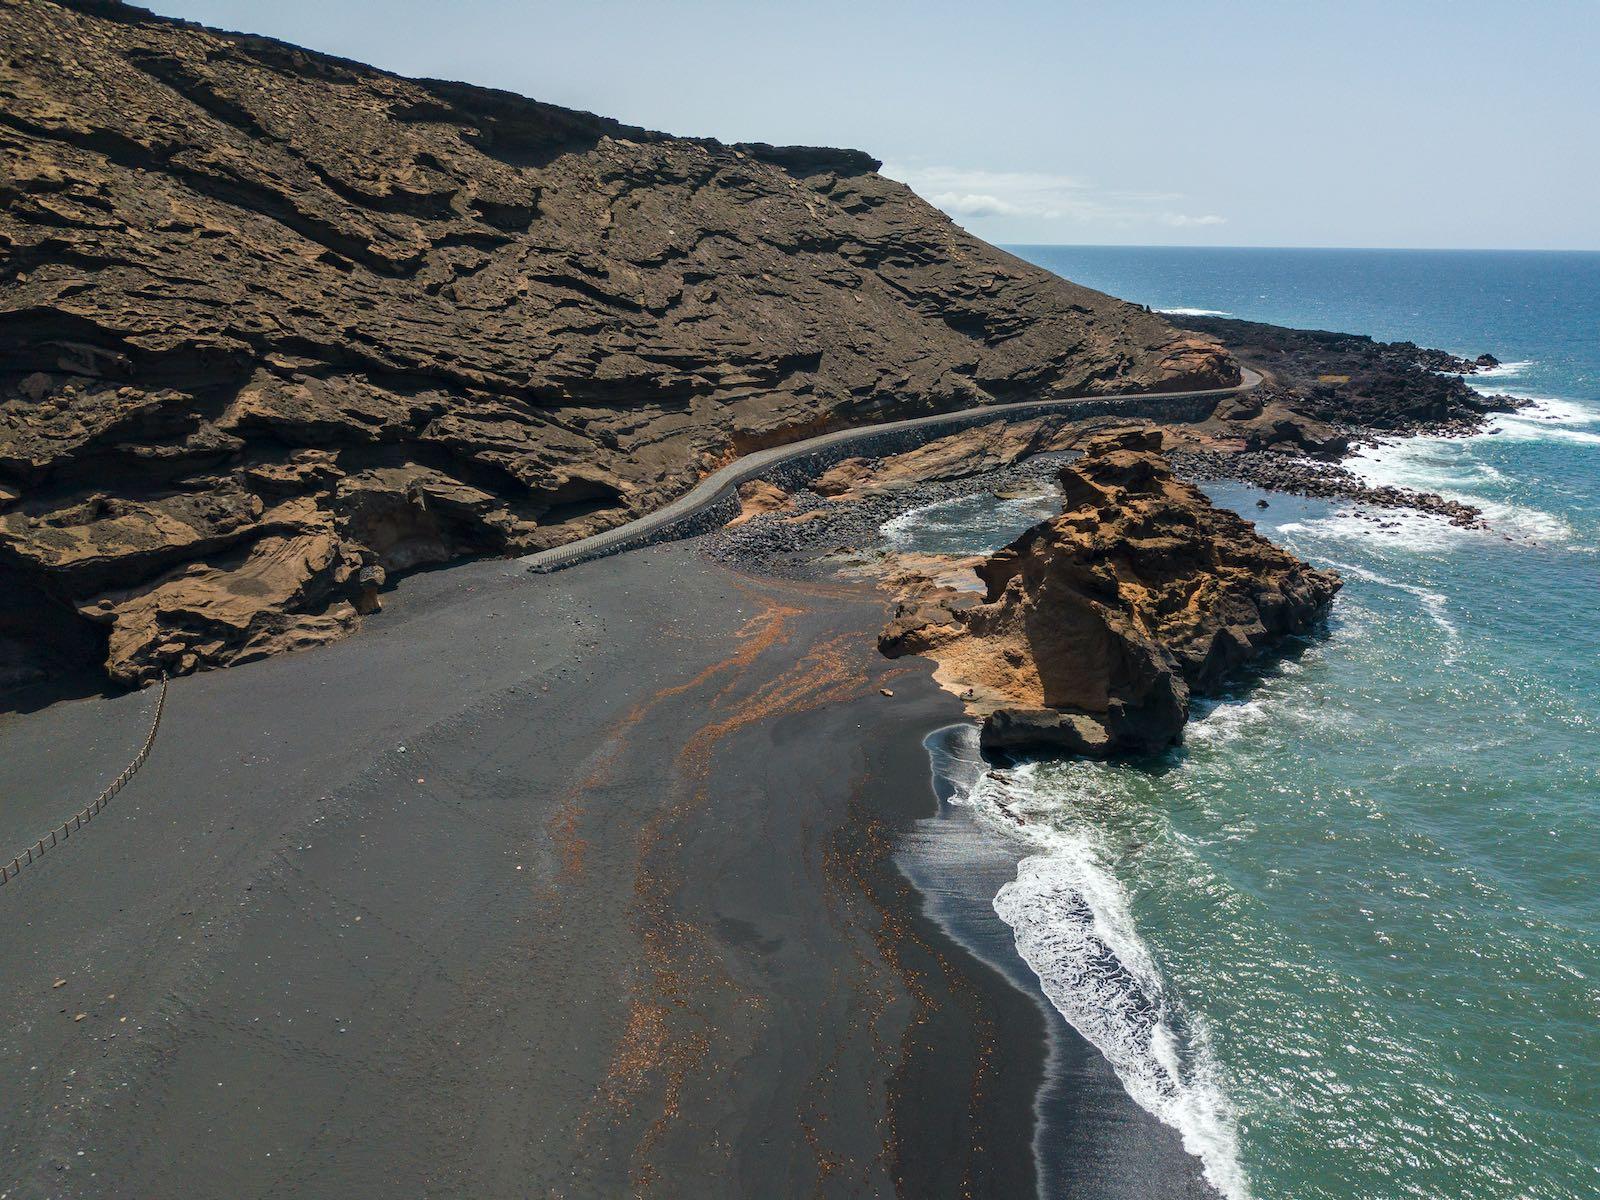 istock_Lanzarote_Playa El Golfo-min